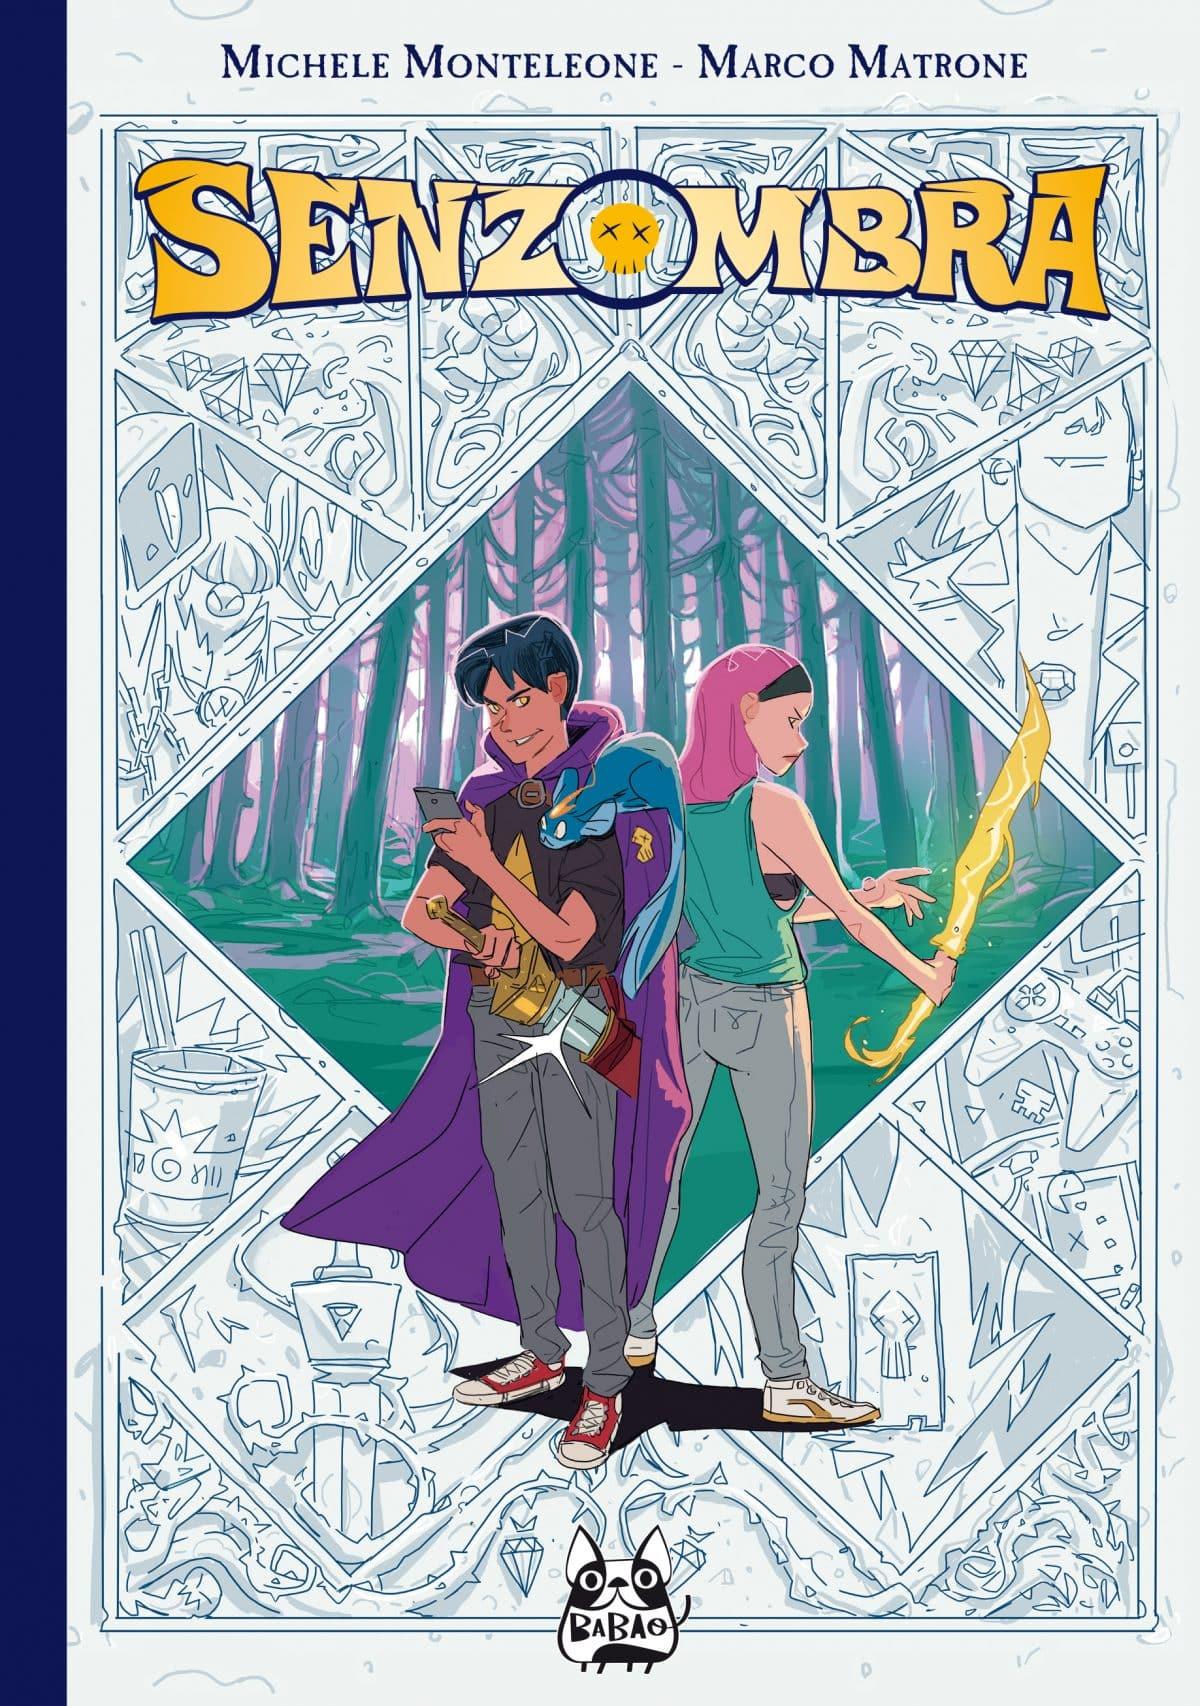 COVER-SENZOMBRA_Recensioni